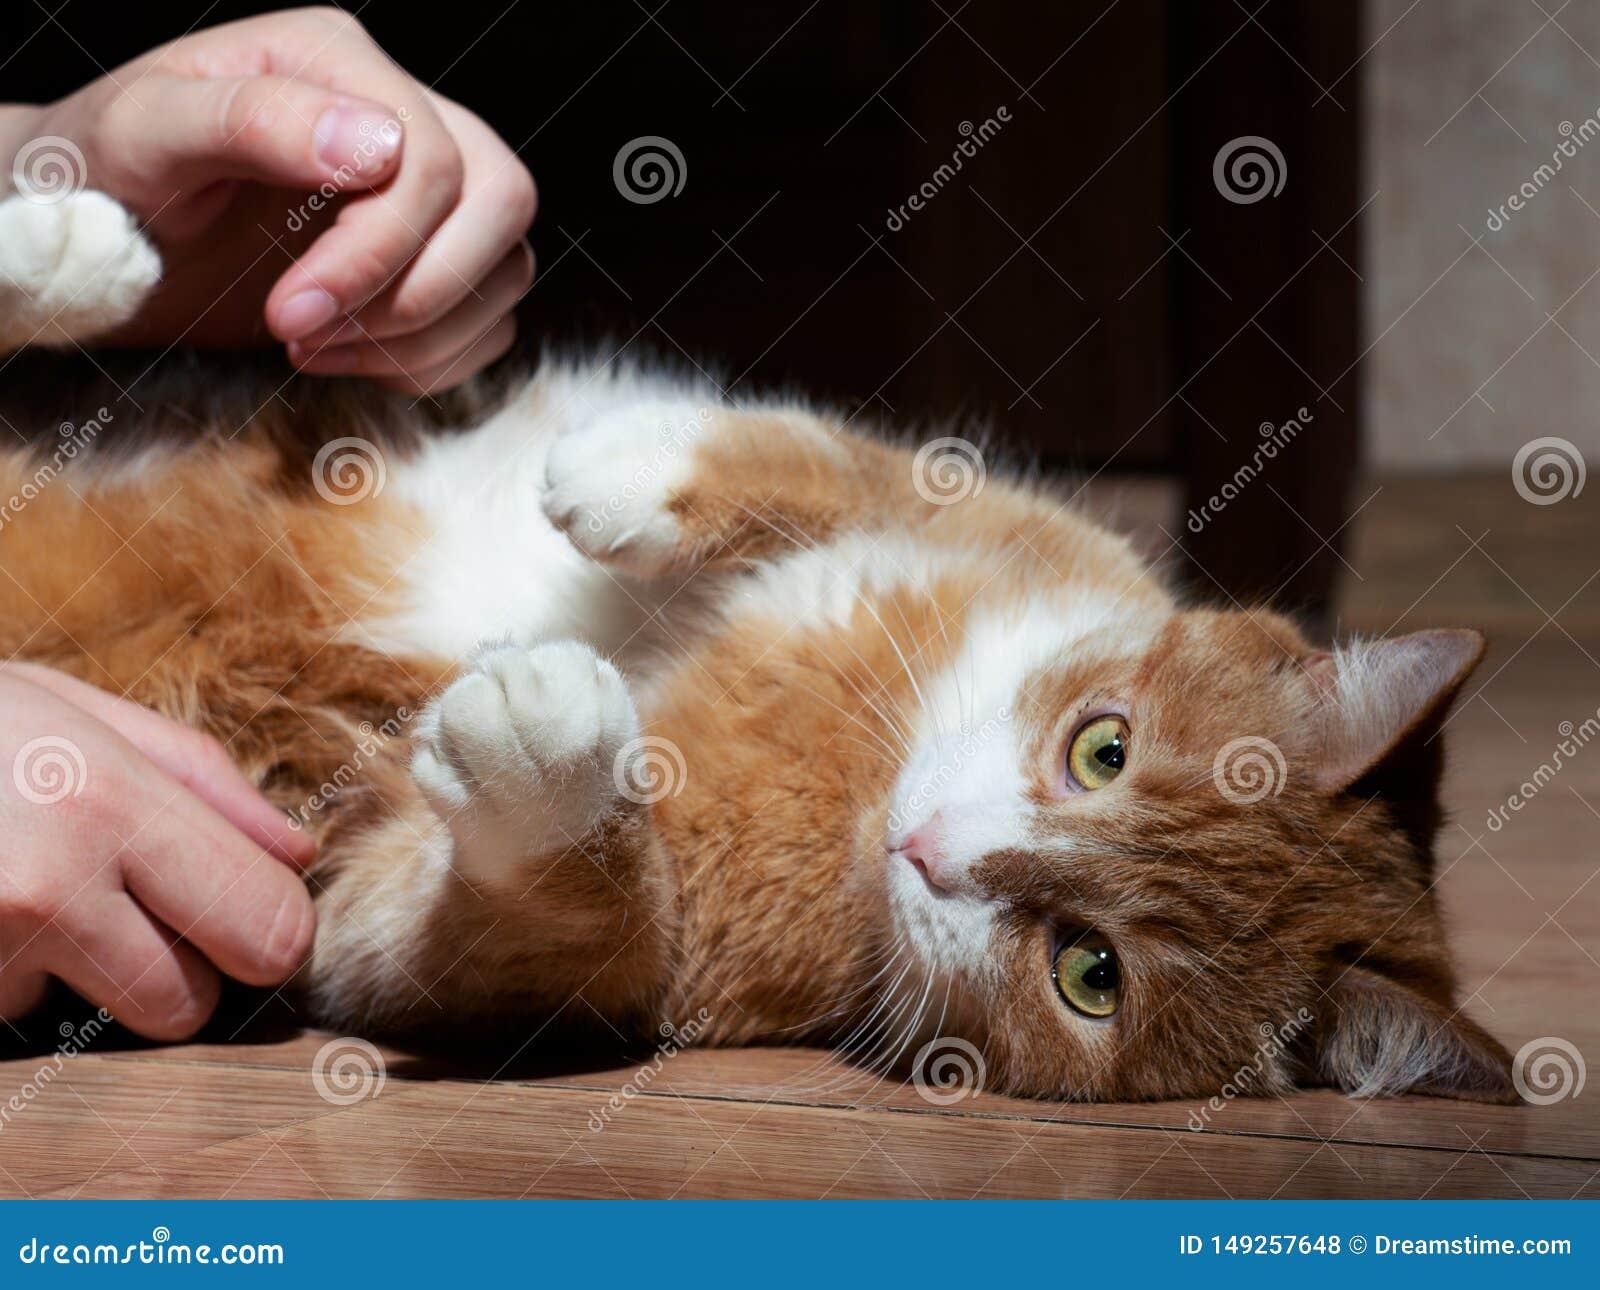 En h?rlig r?d katt med svartvita band som spelar med en man p? golvet N?rbild Katten ?r tr?tt av att spela se